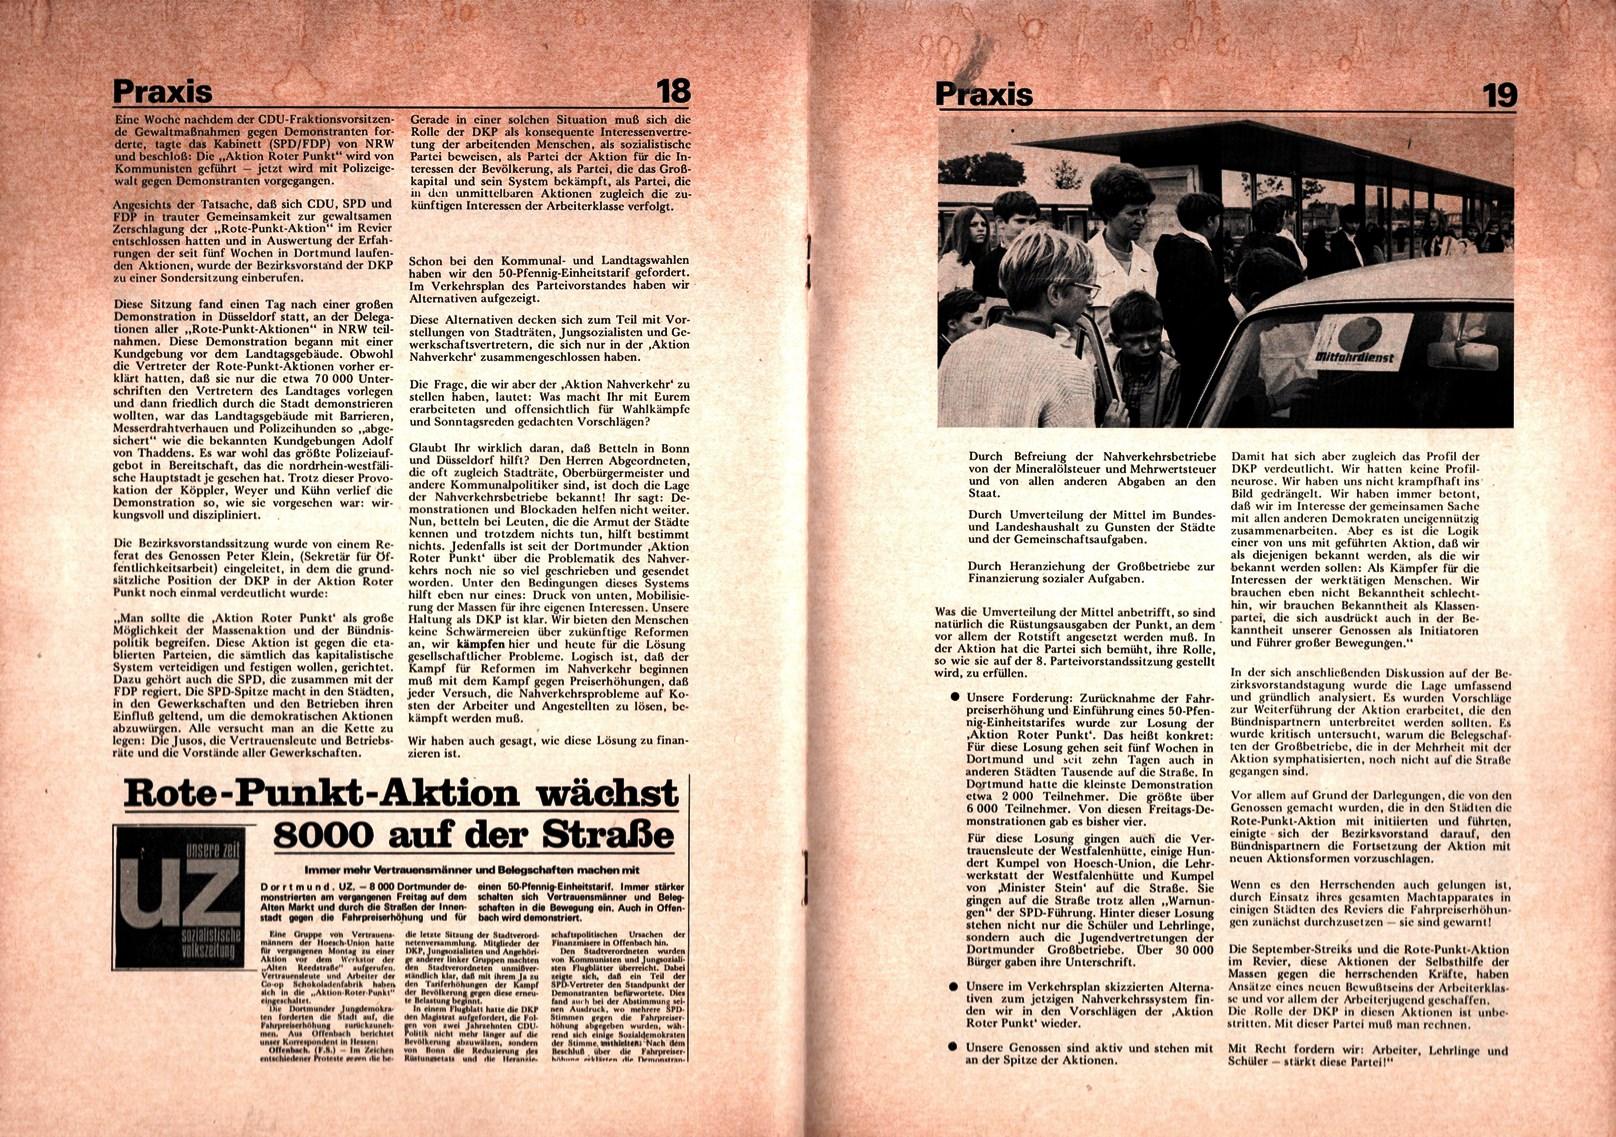 DKP_Praxis_1971_04_010